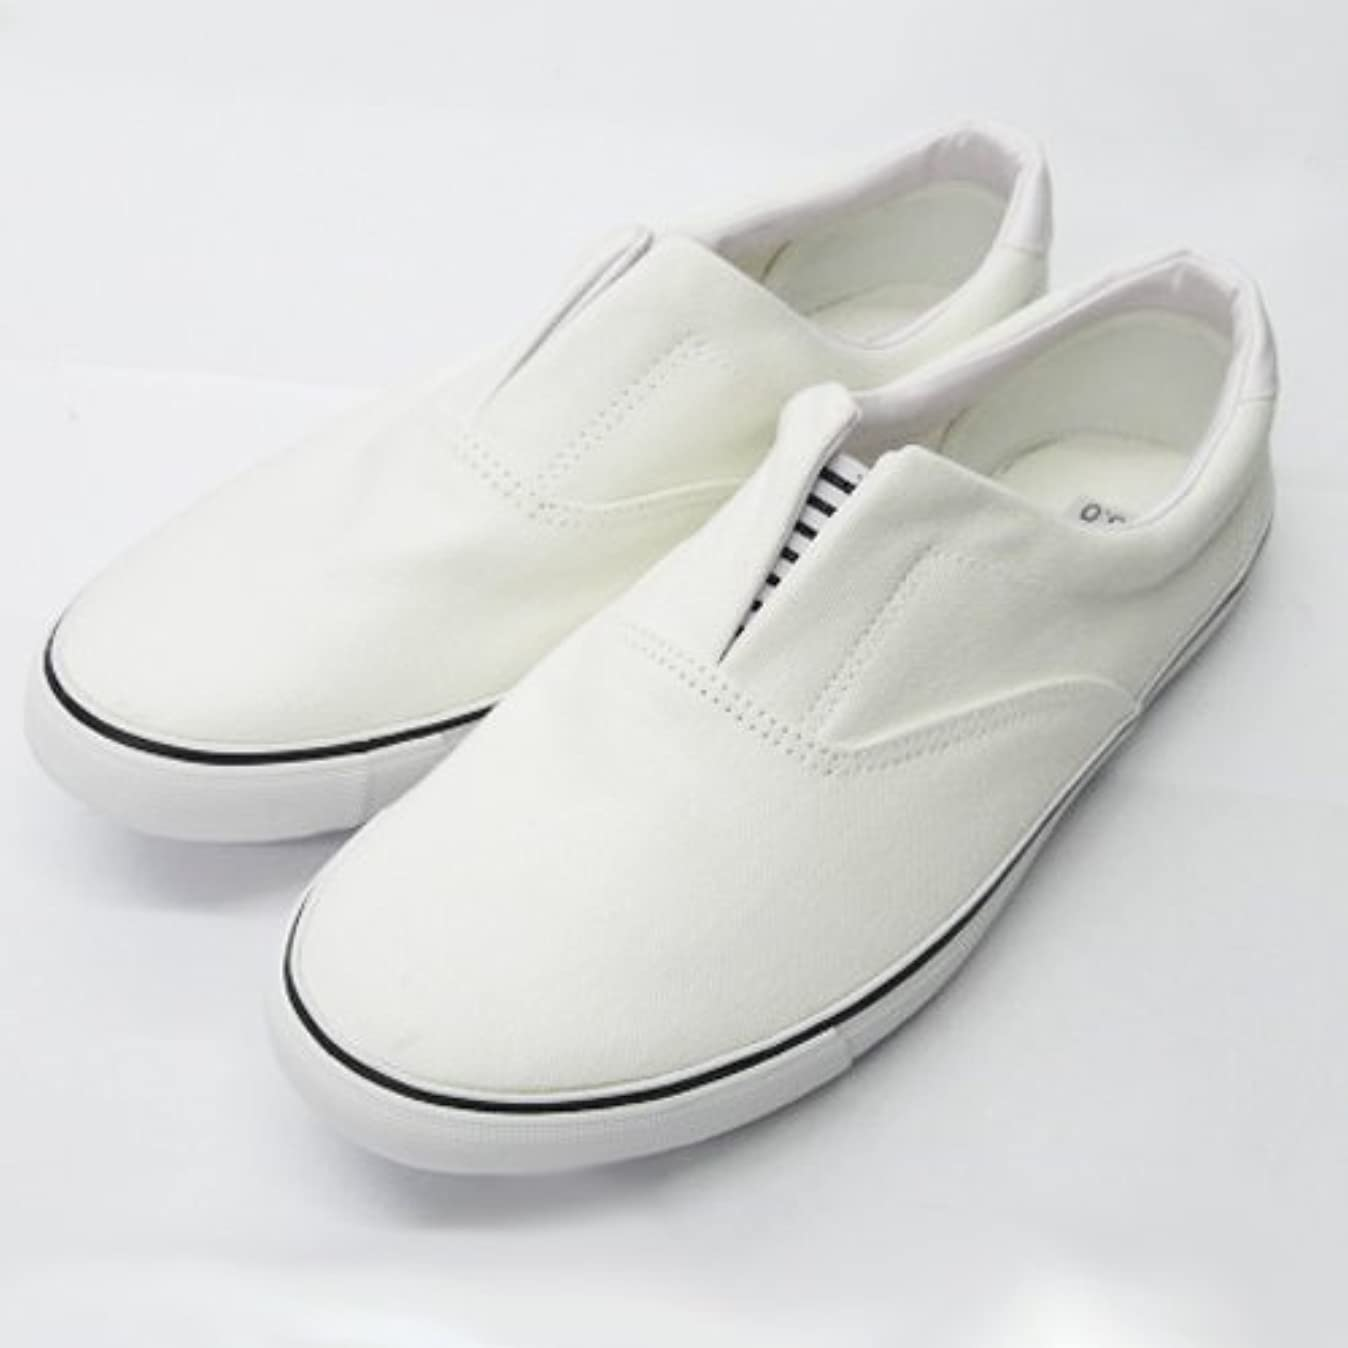 ヒョウキャンペーン部コーナンオリジナル 作業靴(内装用)WH 28.0cm KQ04-5824 28.0cm